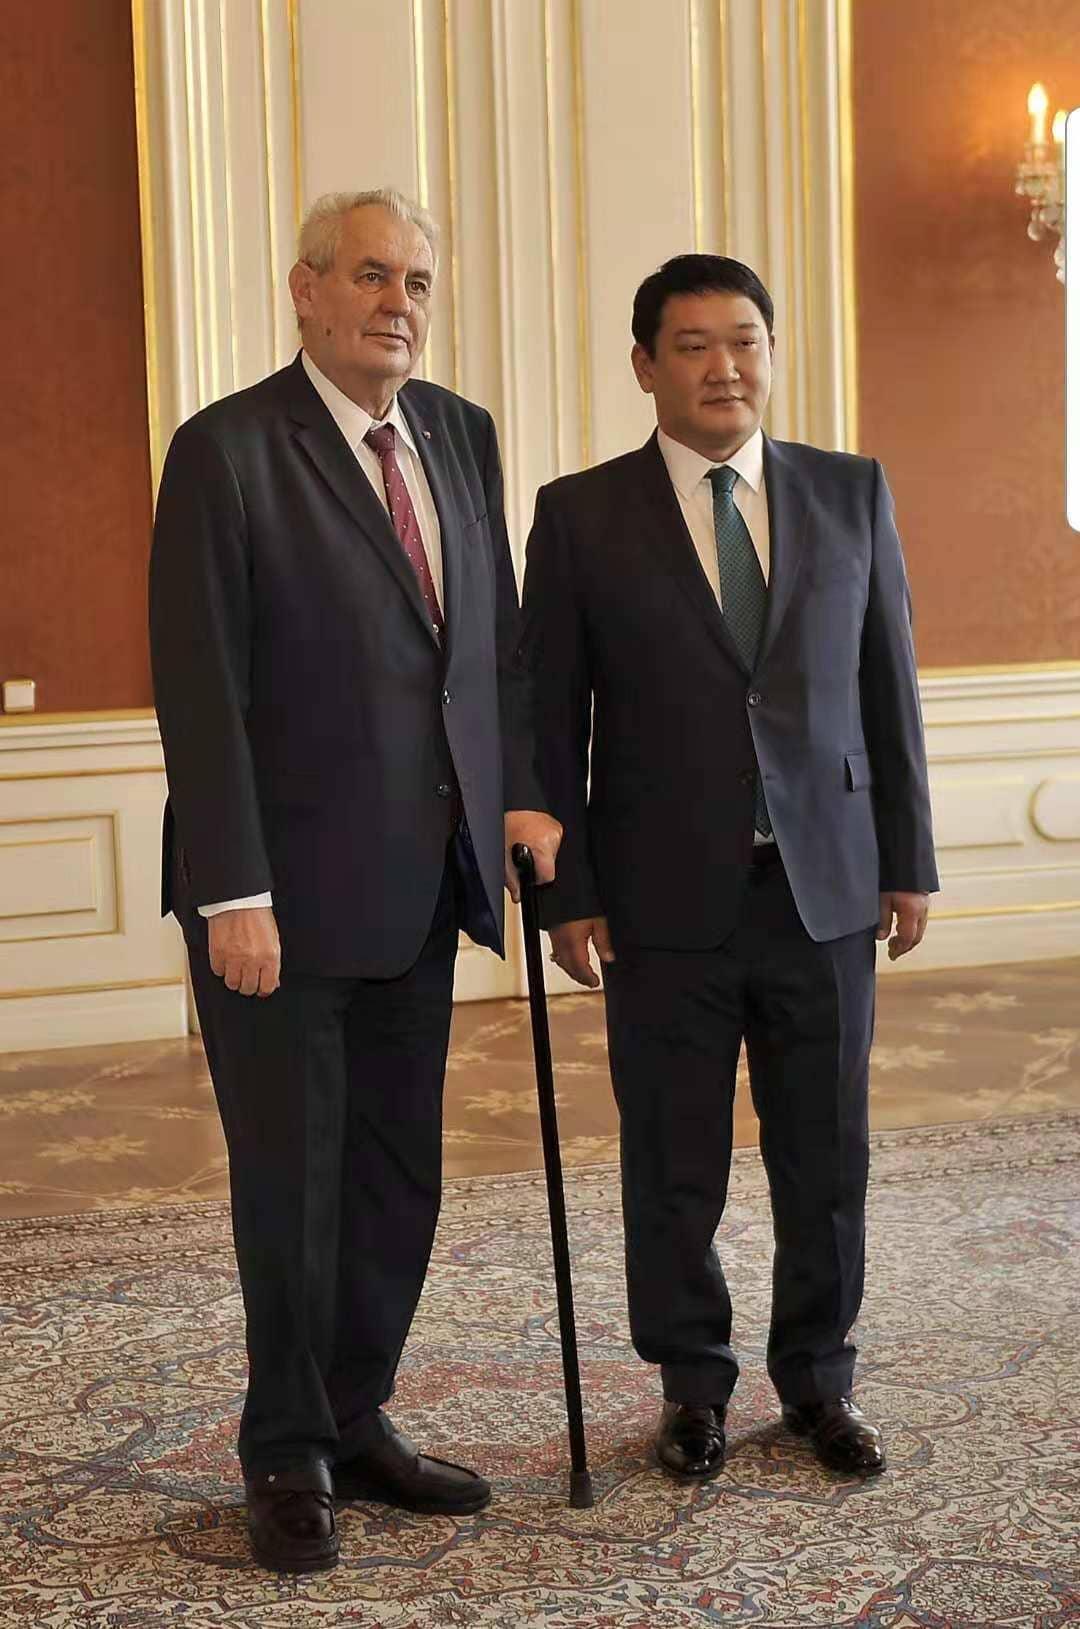 БНЧУ-ын Ерөнхийлөгч Милош Земанд Итгэмжлэх жуух бичгээ барьсны дараа